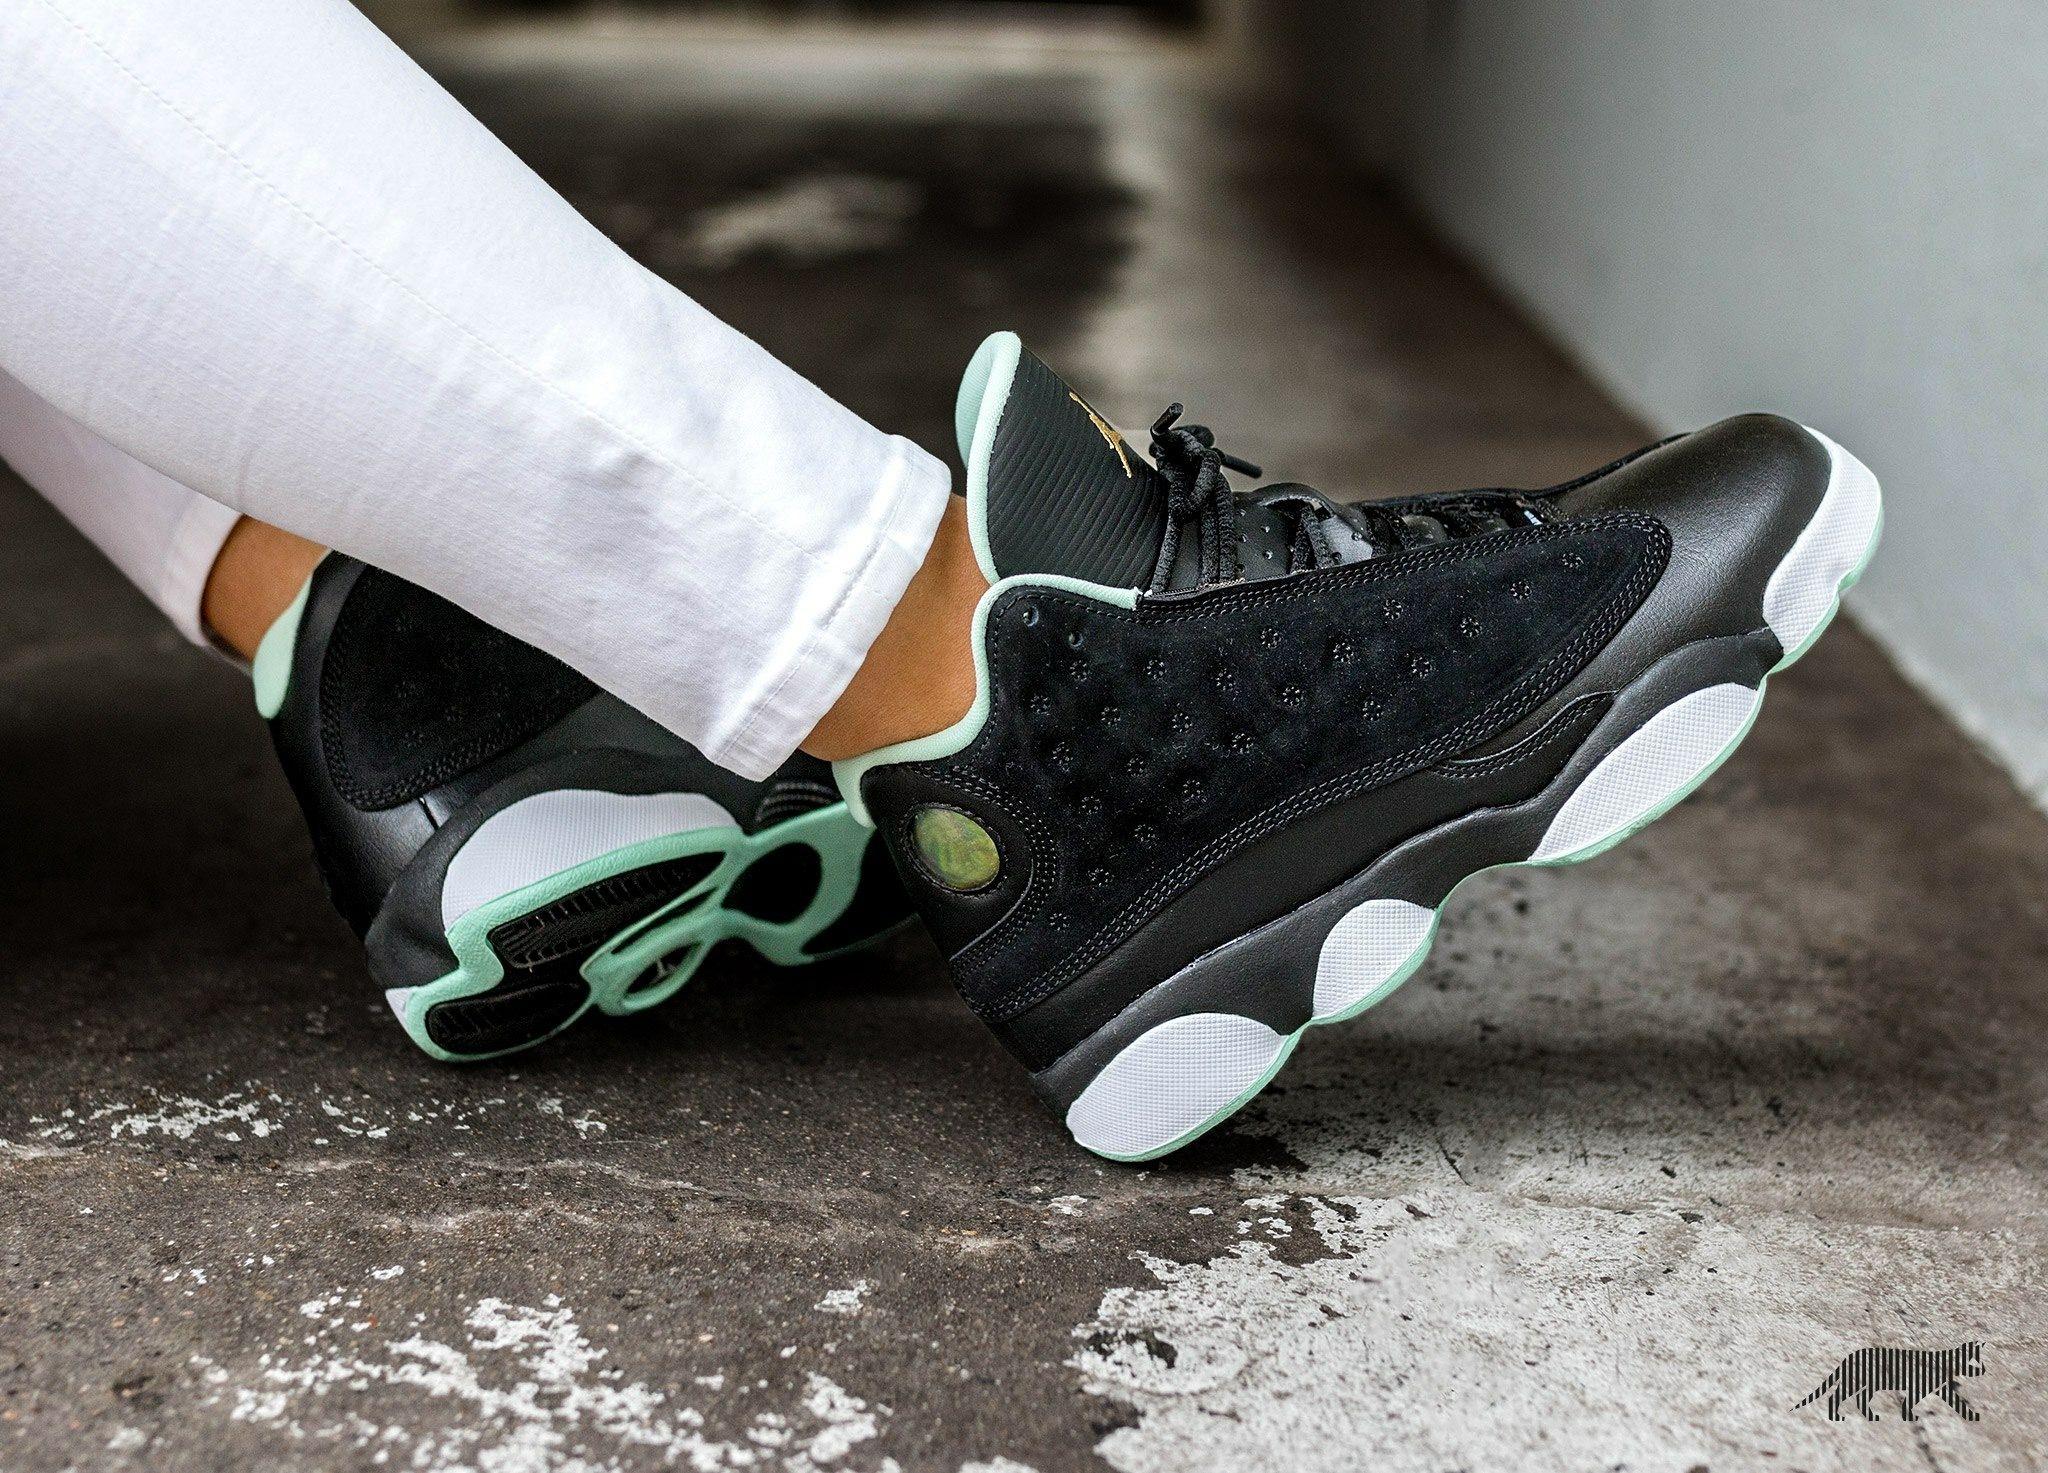 Nike Air Jordan XIII